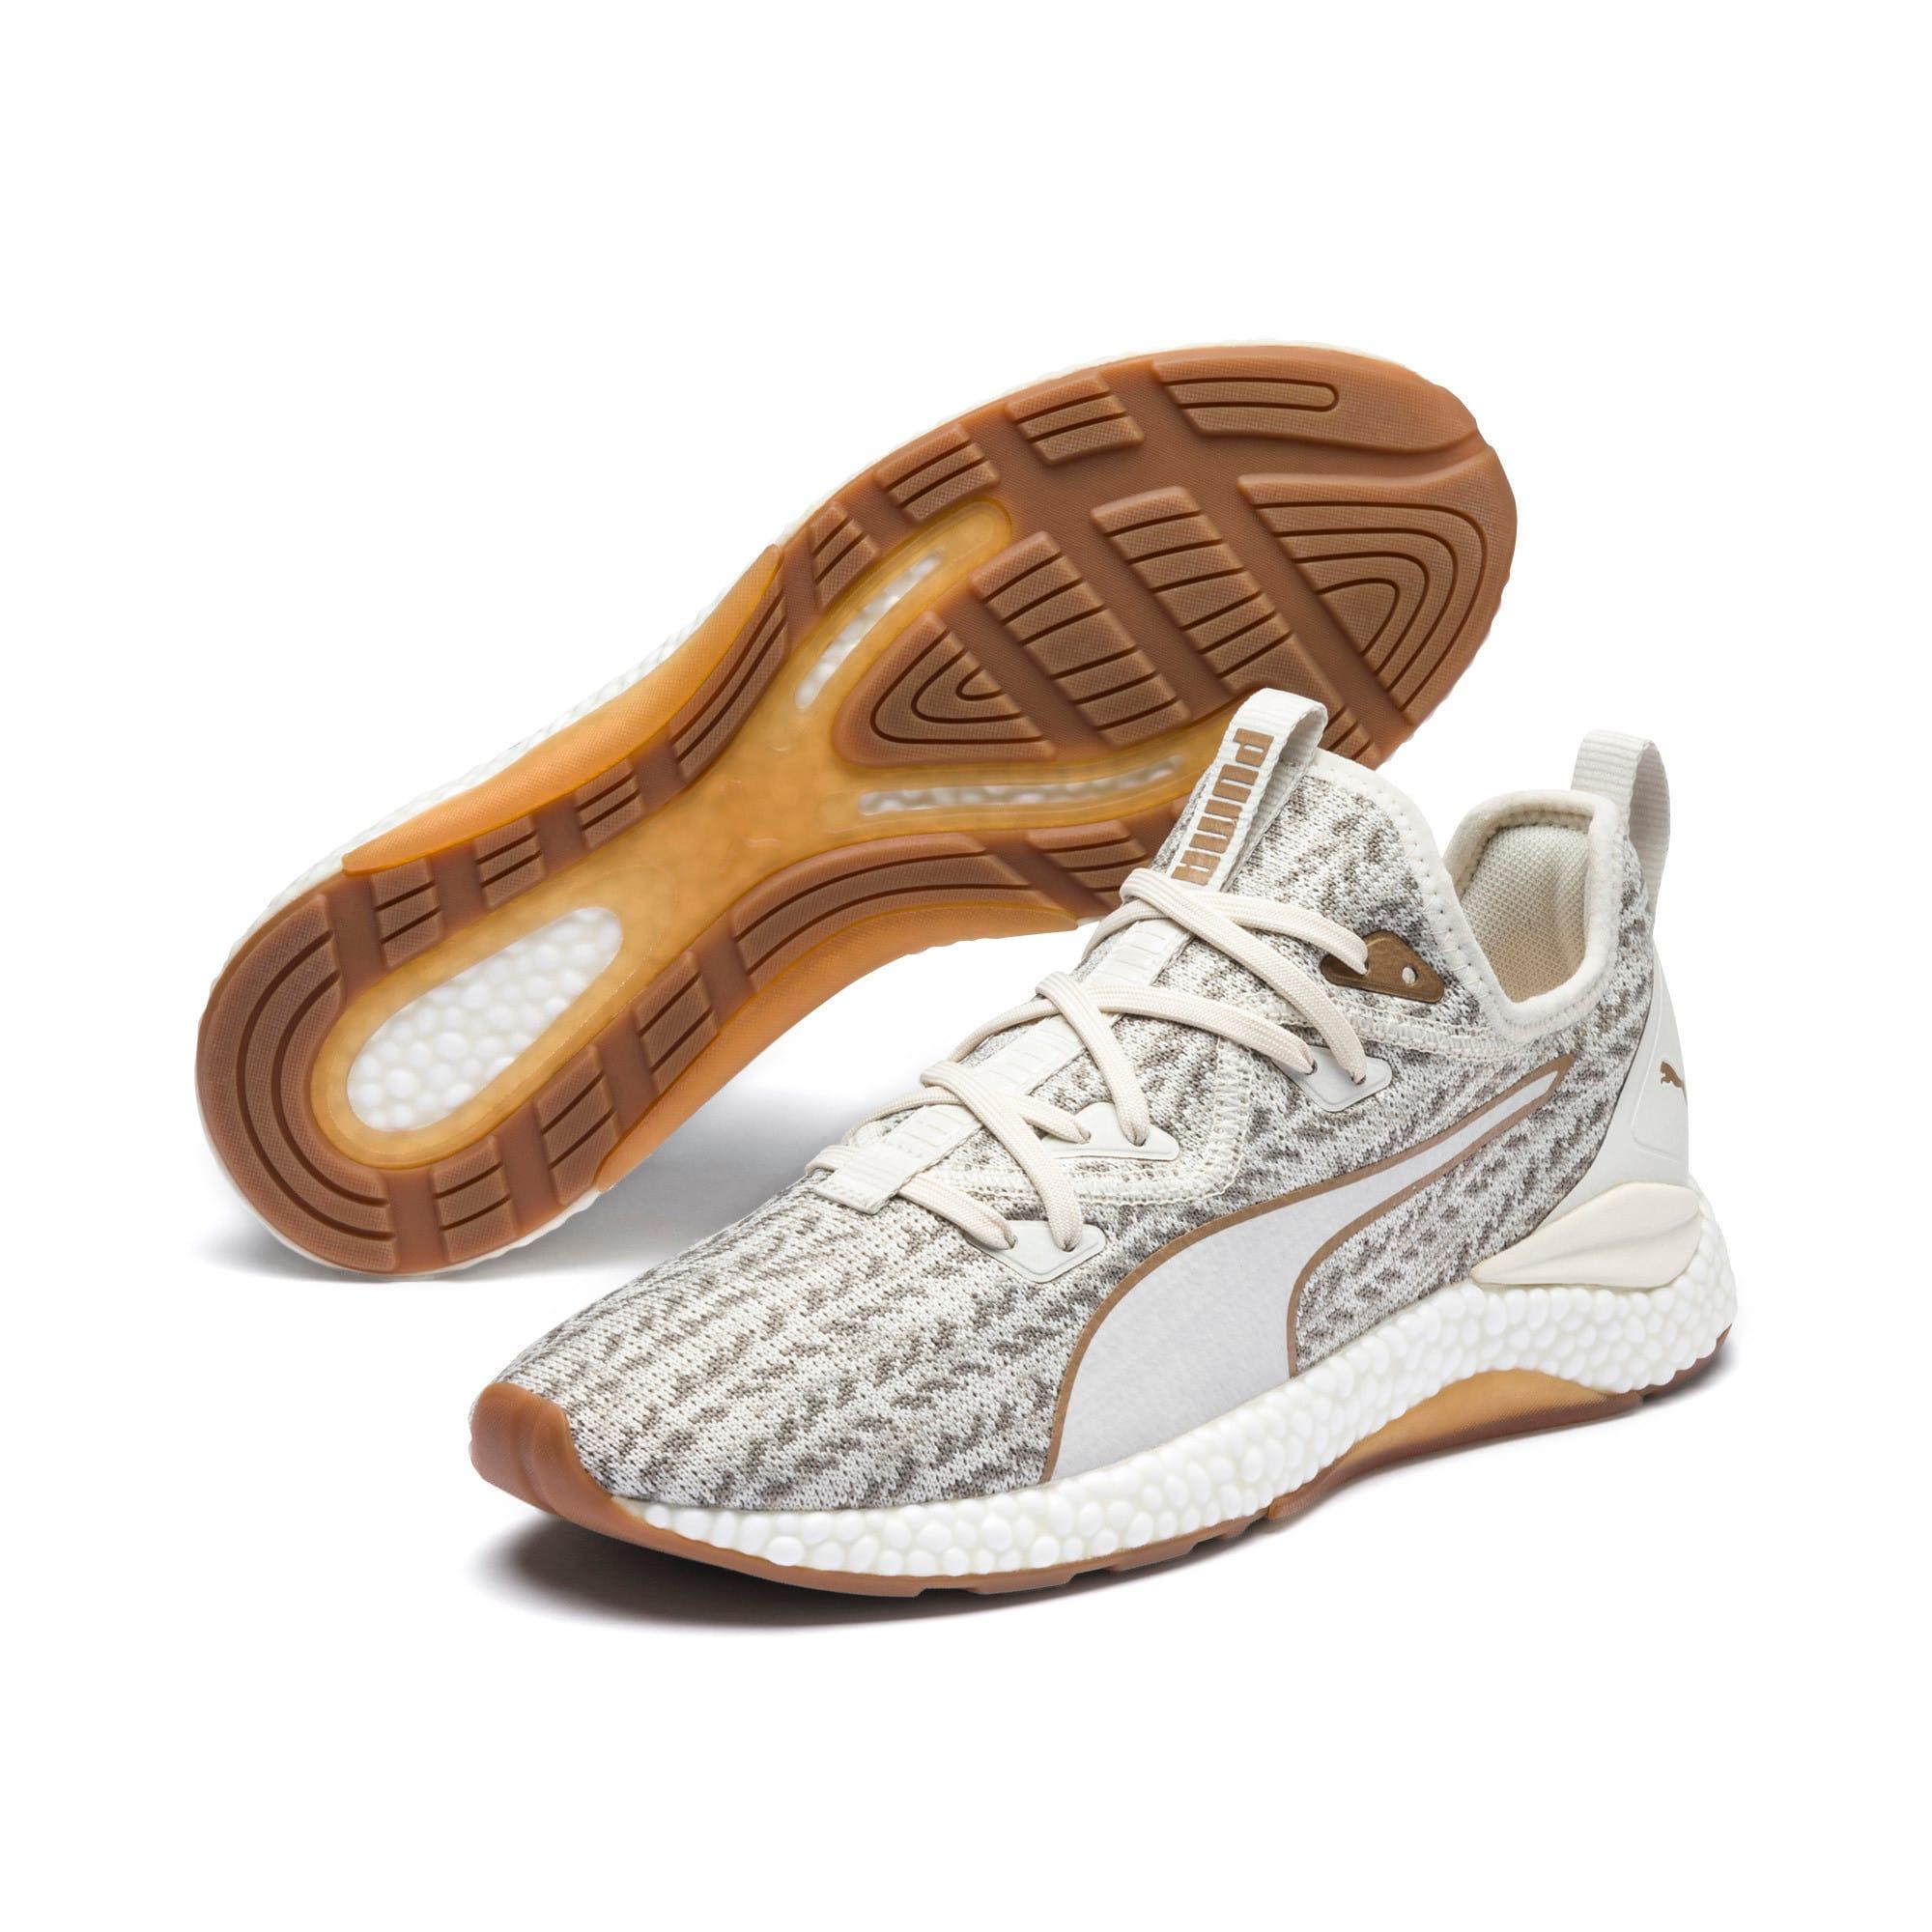 Thumbnail 2 of Hybrid Runner Desert Men's Running Shoes, Whisper White-Metal Bronze, medium-IND